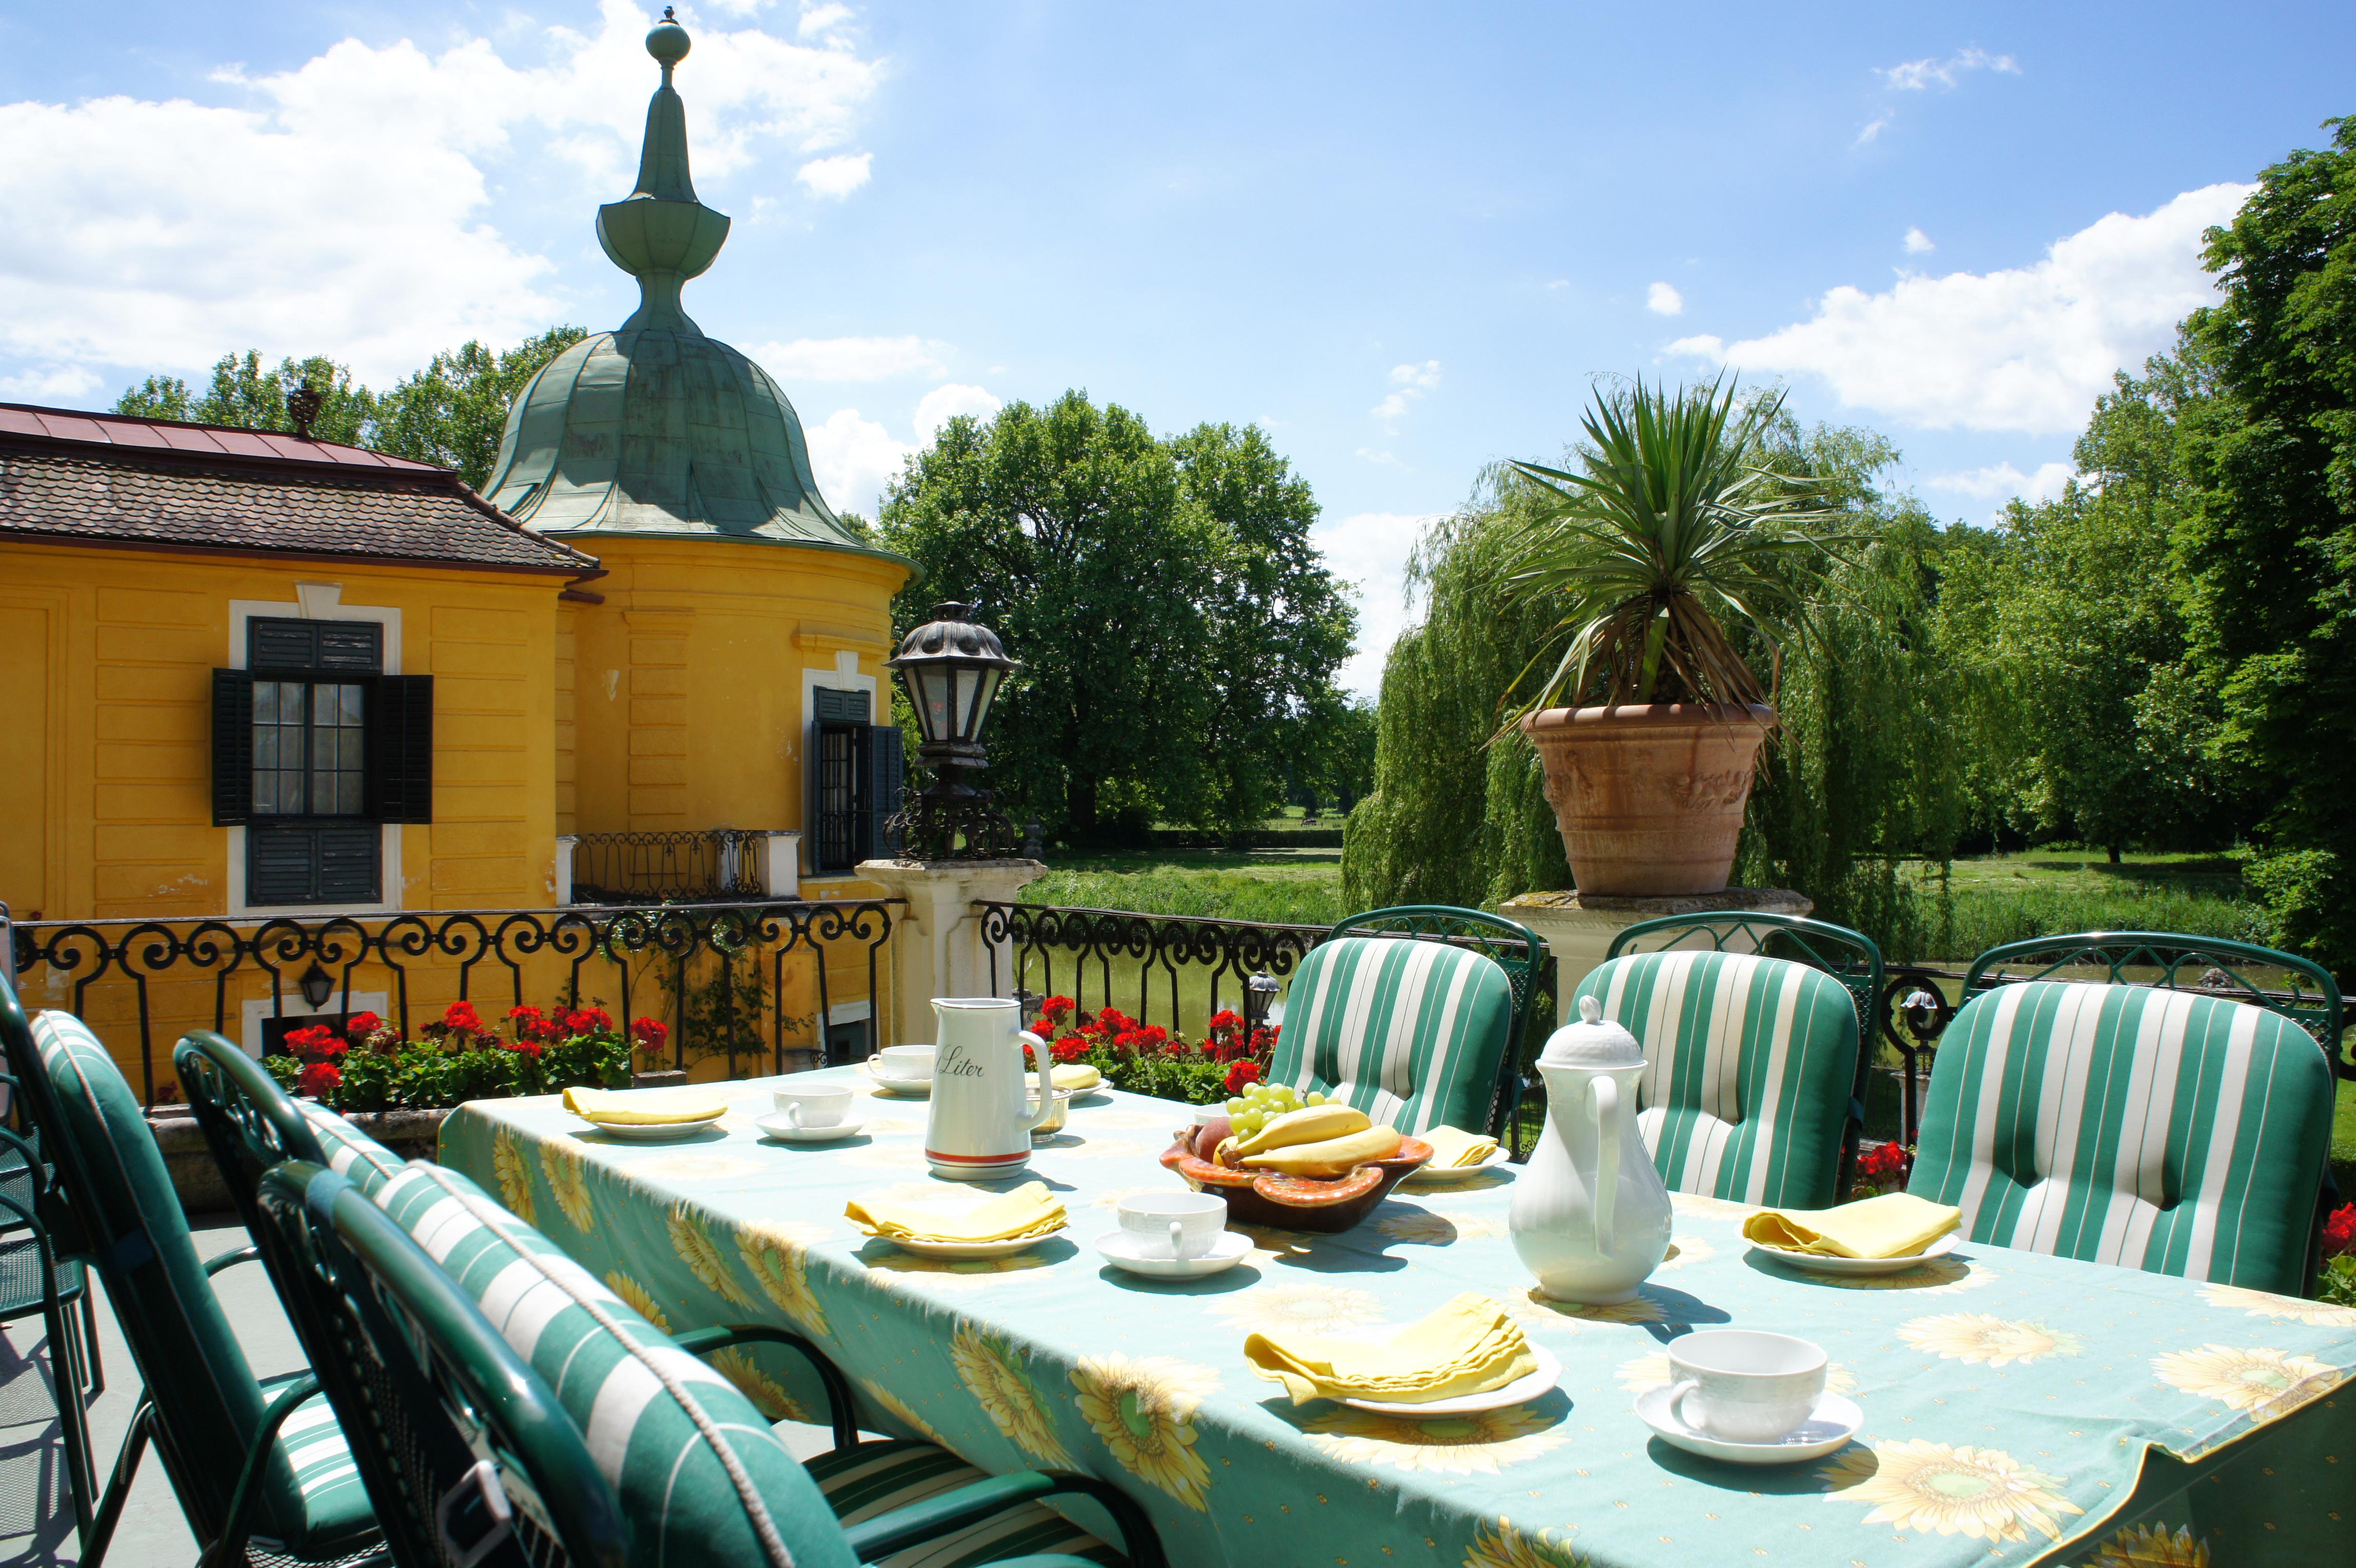 Appartement de vacances Luxuriöses, einzigartiges barockes Schloss, aufwendig eingerichtet (2306589), St. Pölten, Mostviertel, Basse Autriche, Autriche, image 17